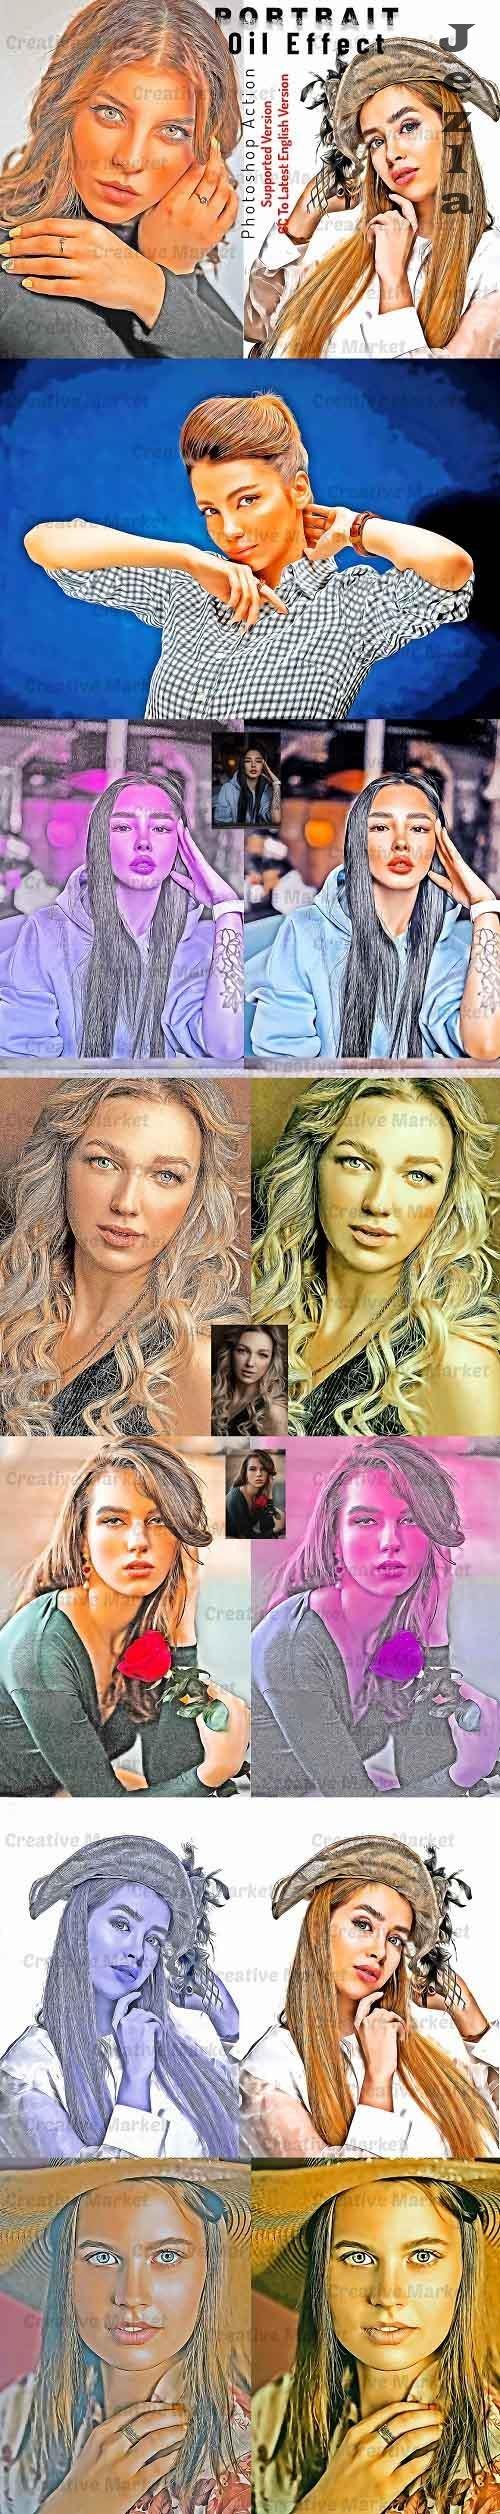 Portrait Oil Effect Photoshop Action - 6536922